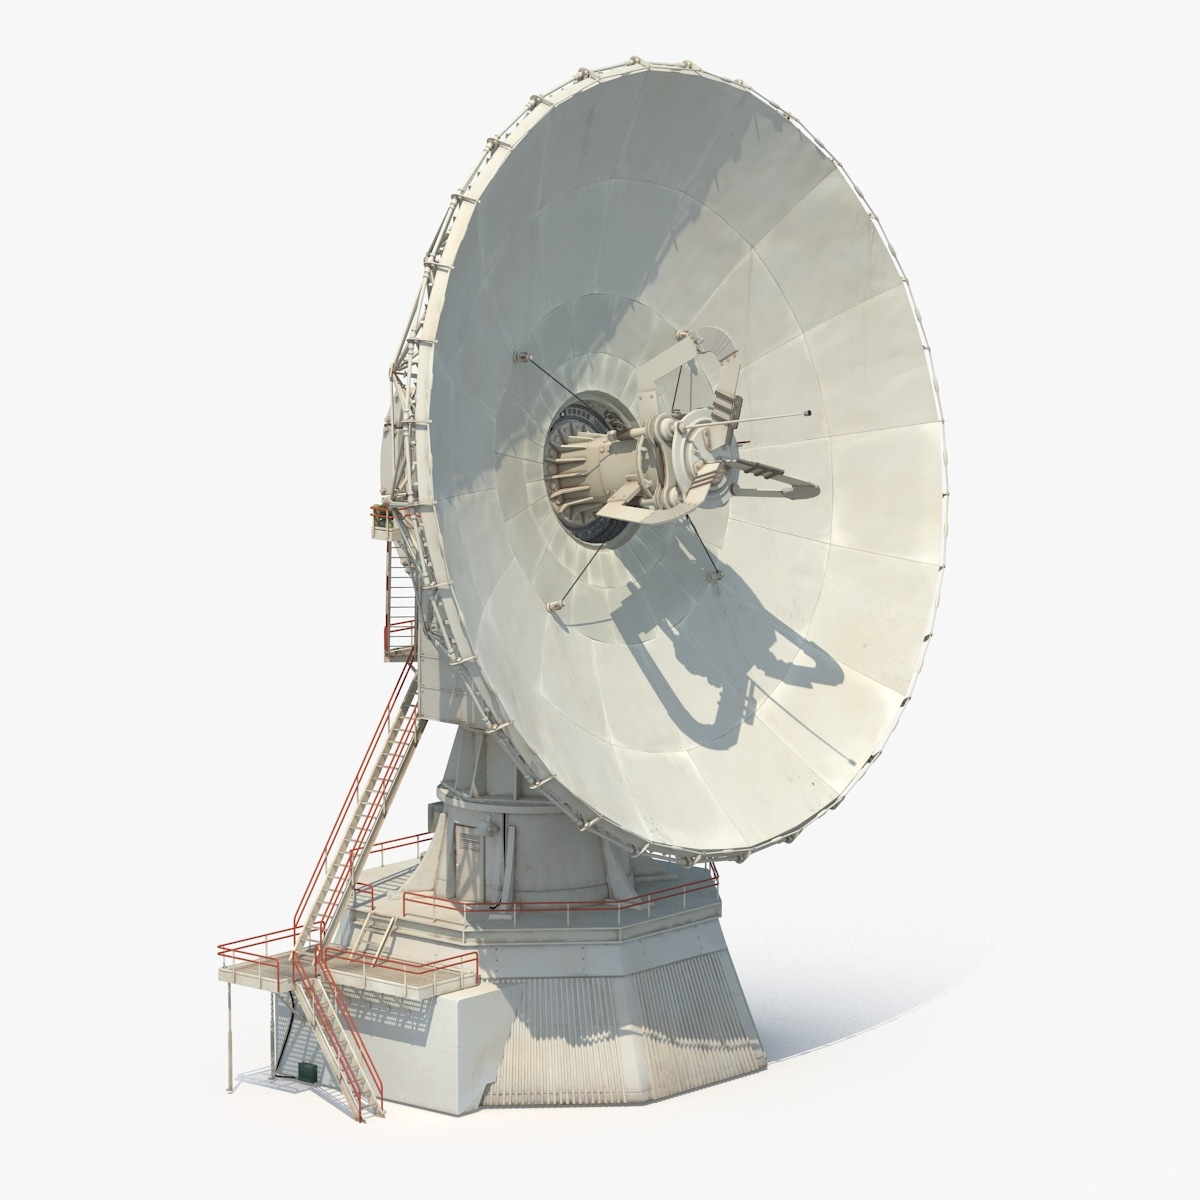 Satellite Panels Texture : D model large satellite dish